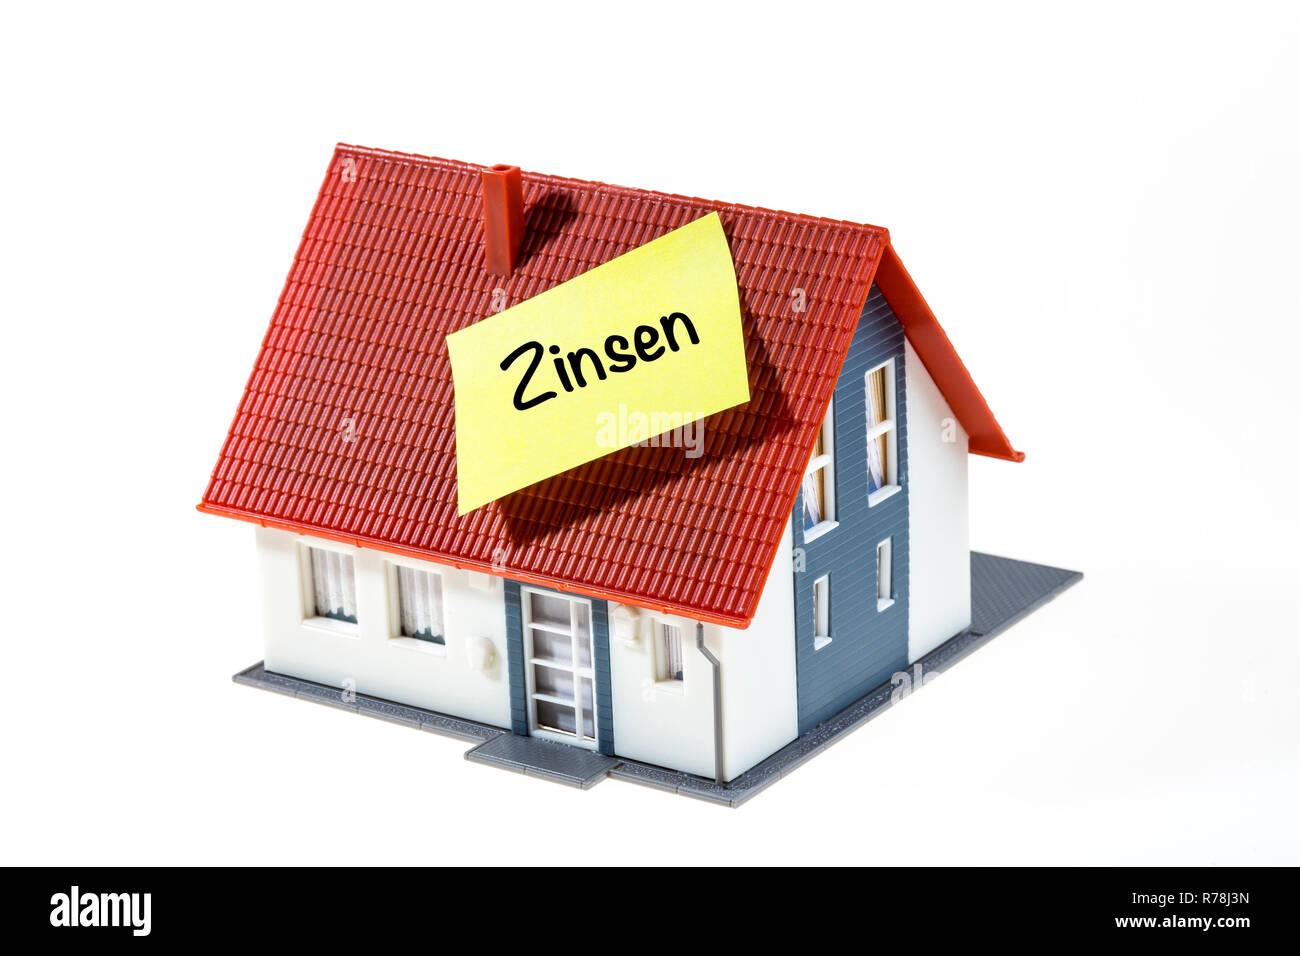 Immobilien, Baufinanzierung Zinsen, Deutsche Sprache Stockbild